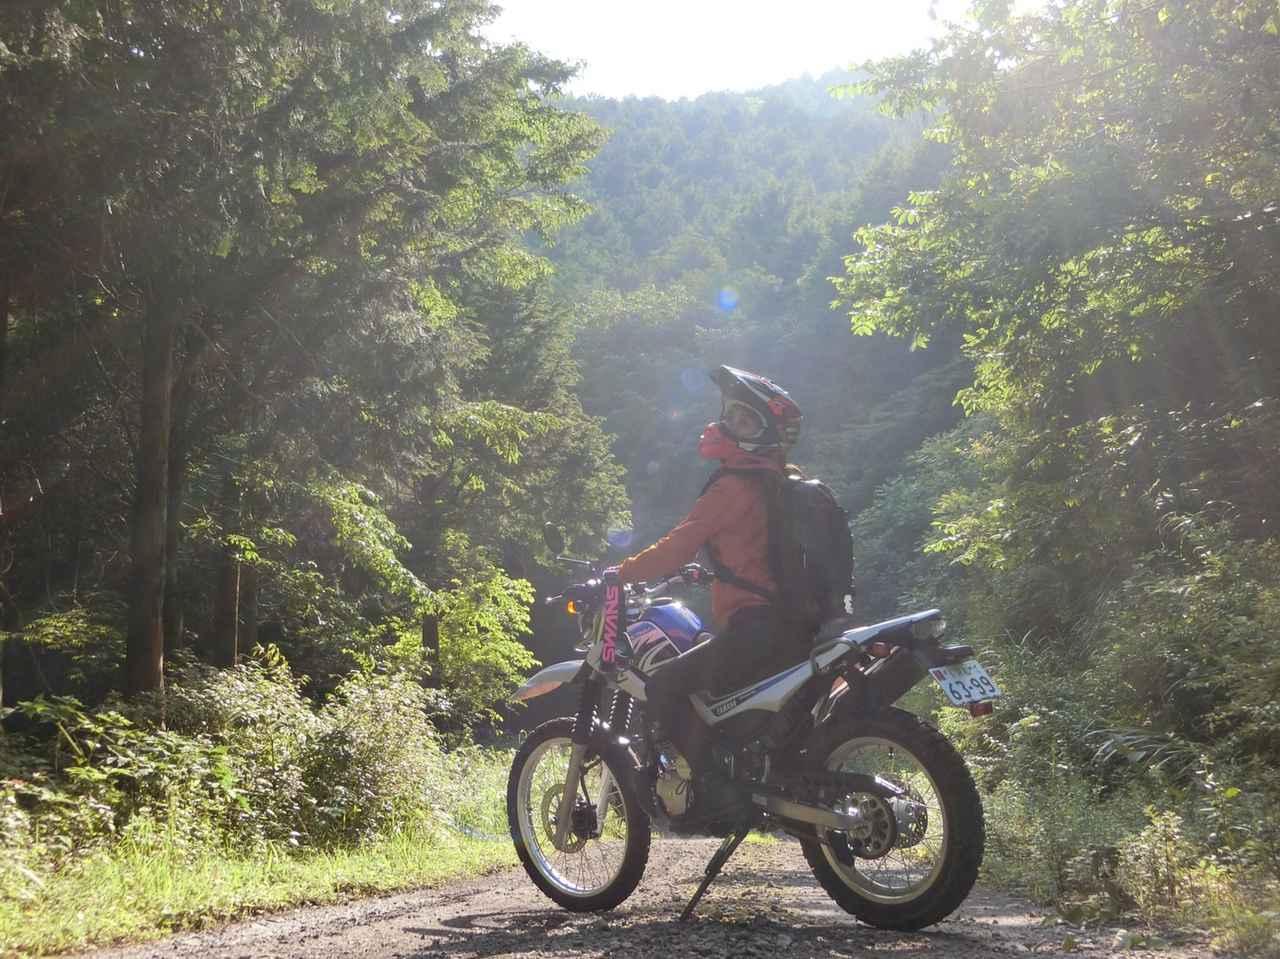 画像: インプレ用にお借りしたセローで初めての林道へ。バイクっていろんな世界があるから面白い!